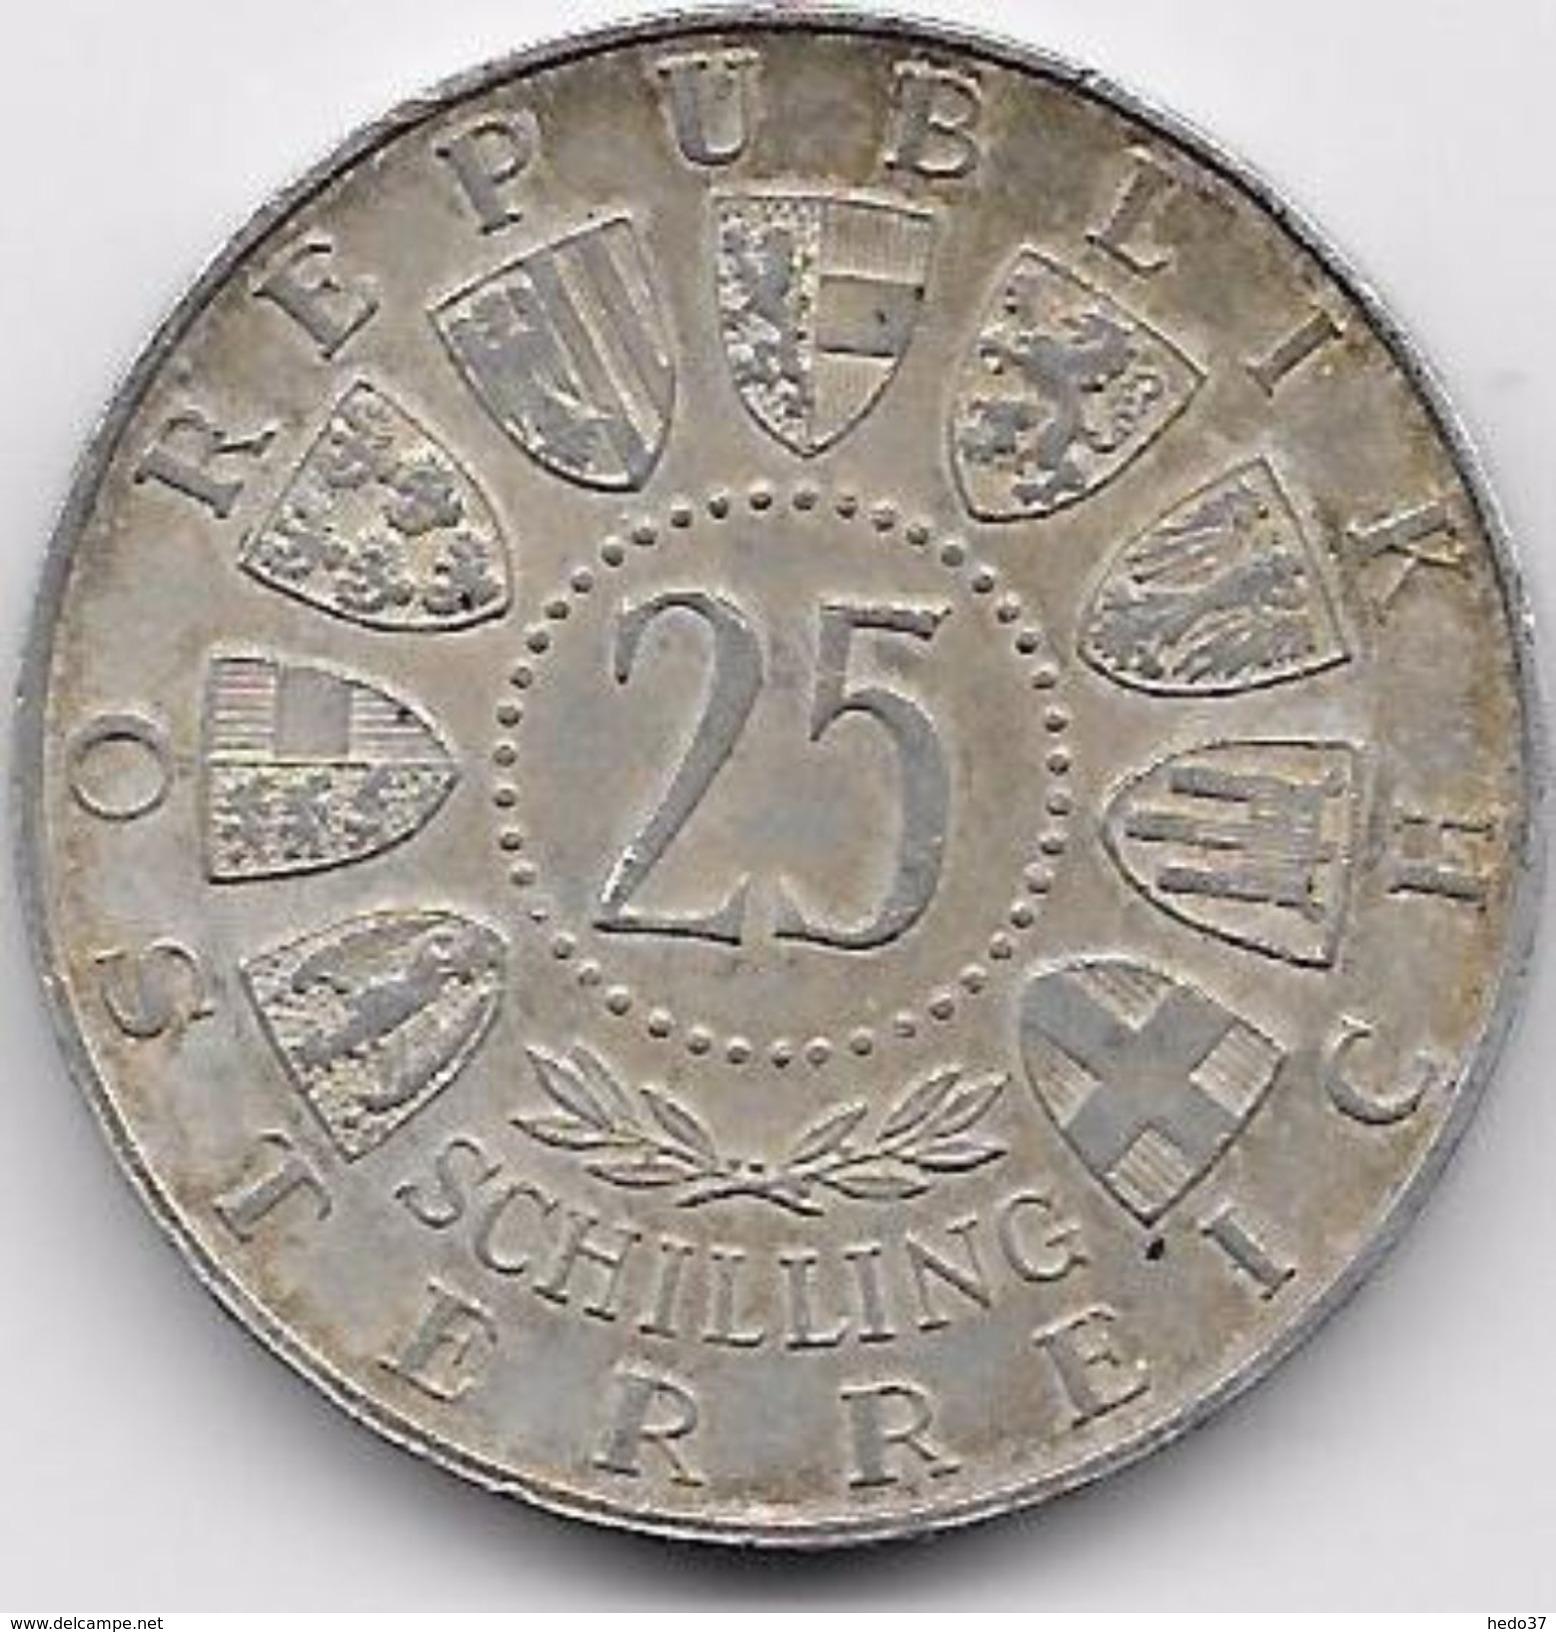 Autriche - 25 Schilling - 1956 - Argent - Autriche